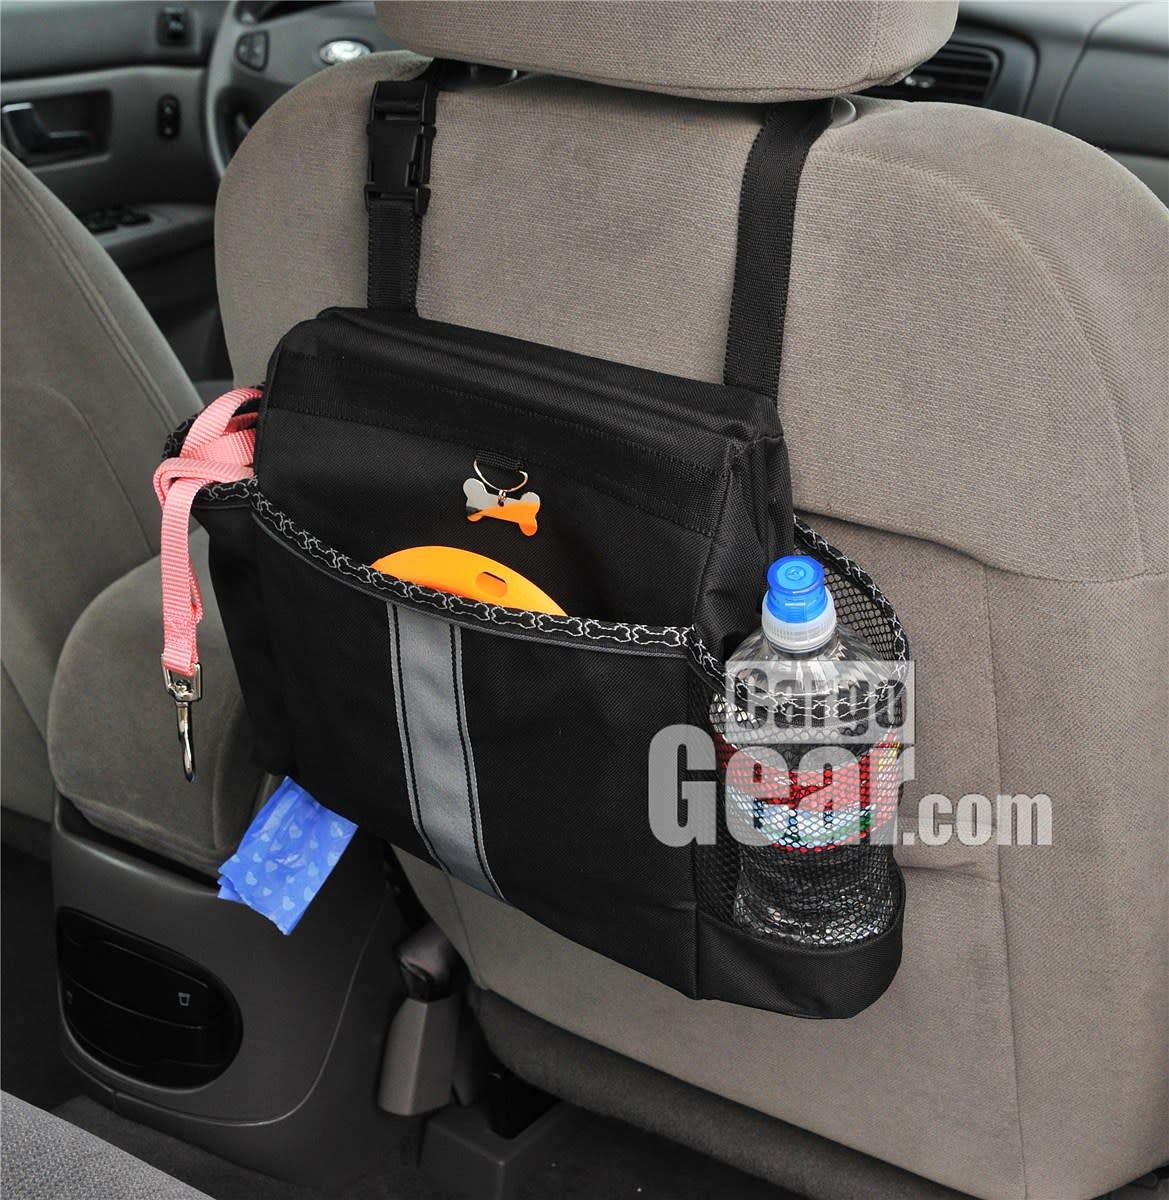 Car organizer for dog gear